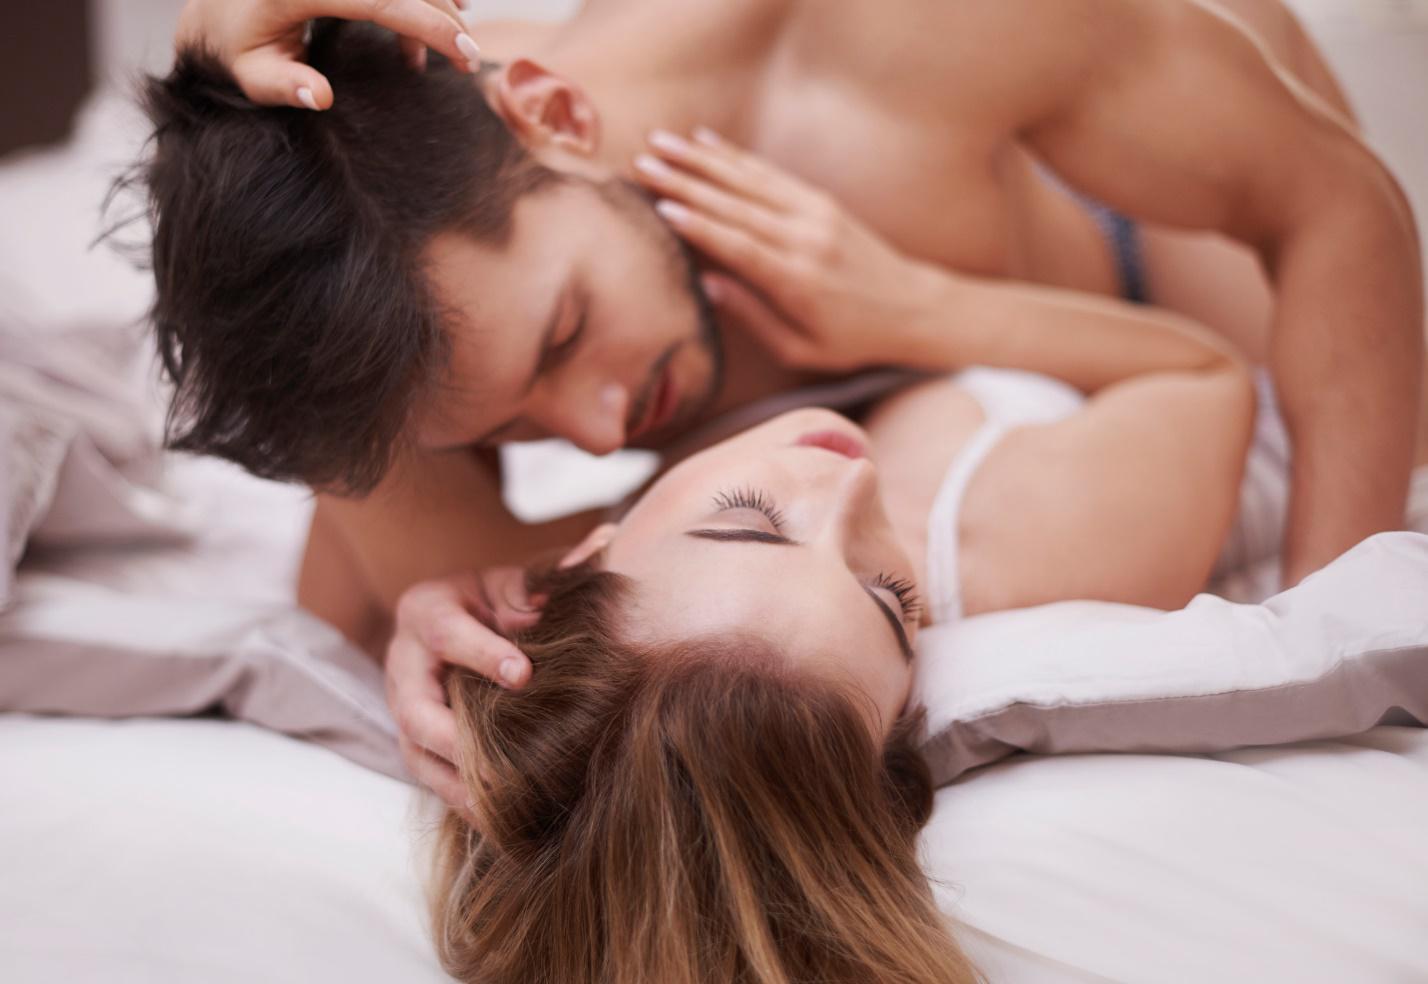 Хочу потрахаться с парнем, случайные фото голых на балконе